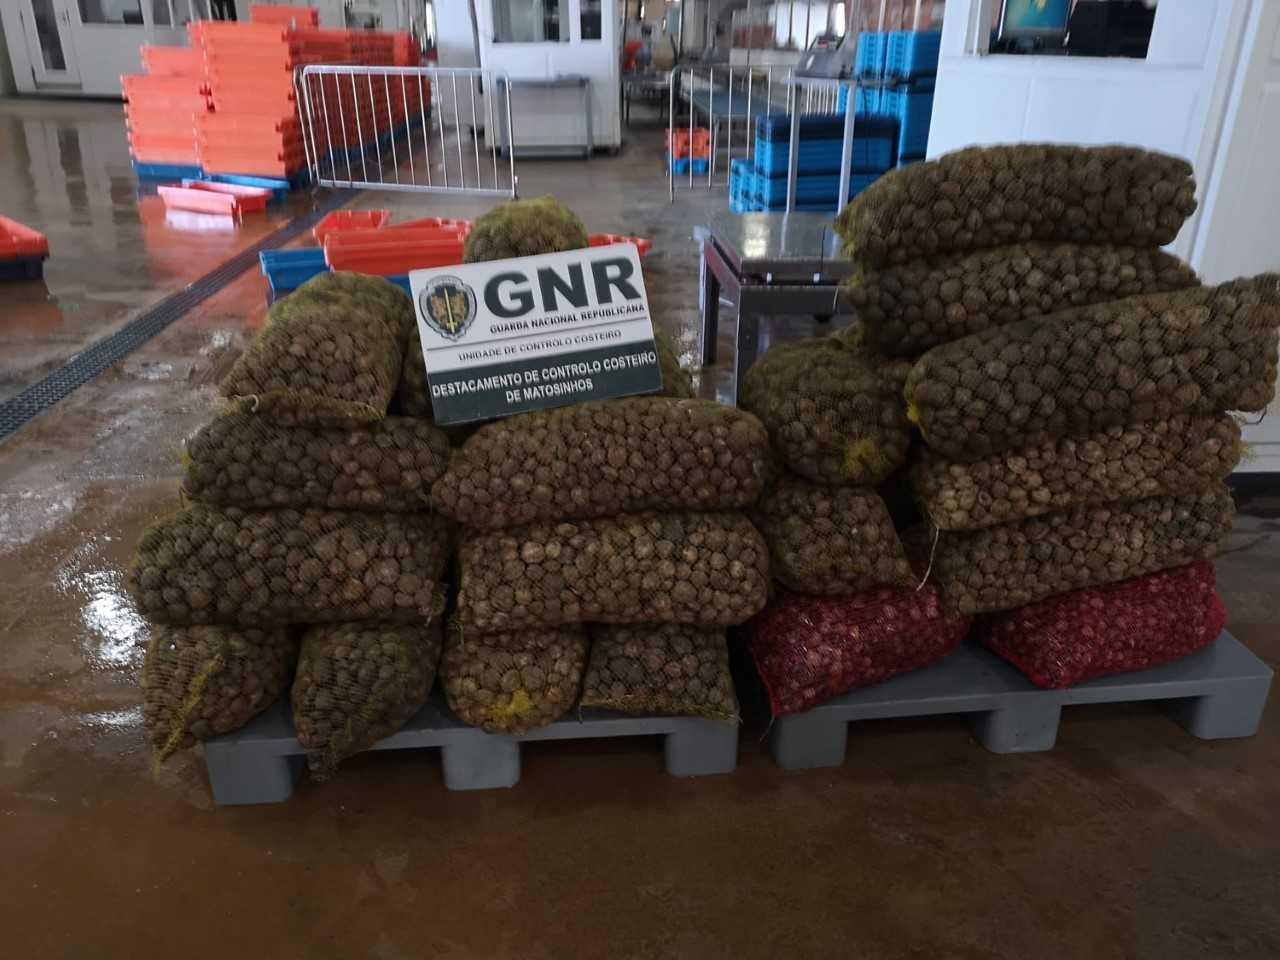 Cerca de 1.200 quilos de bivalves apreendidos em operação de fiscalização da GNR na A3 em Valença